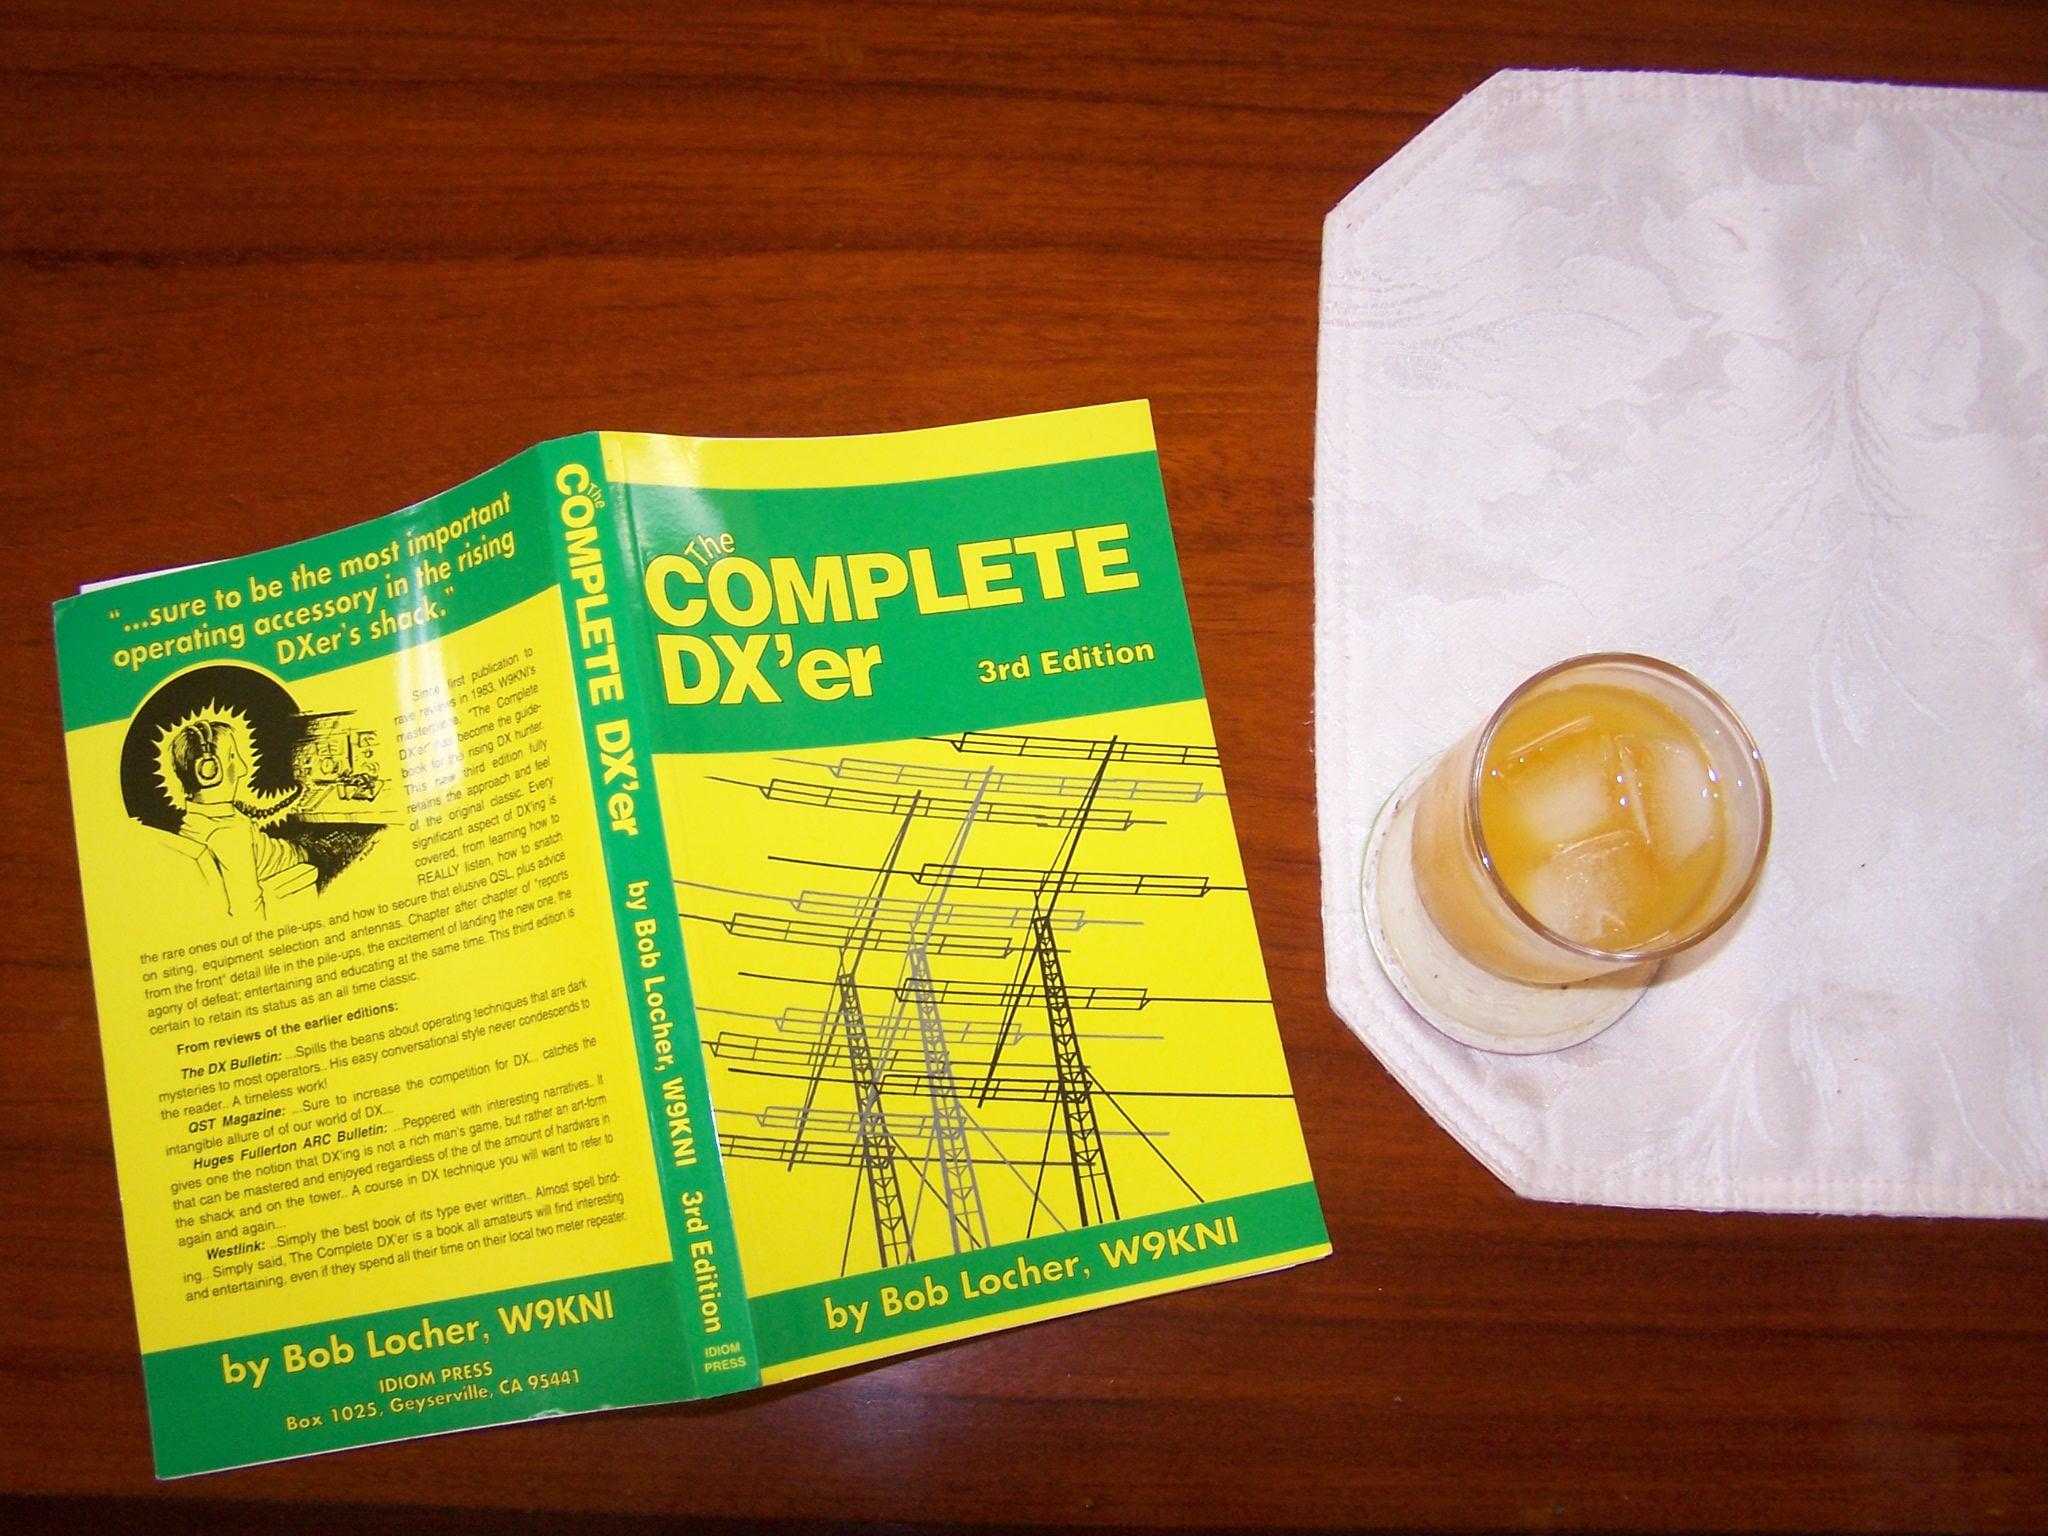 The Complete DXer par W9KNI